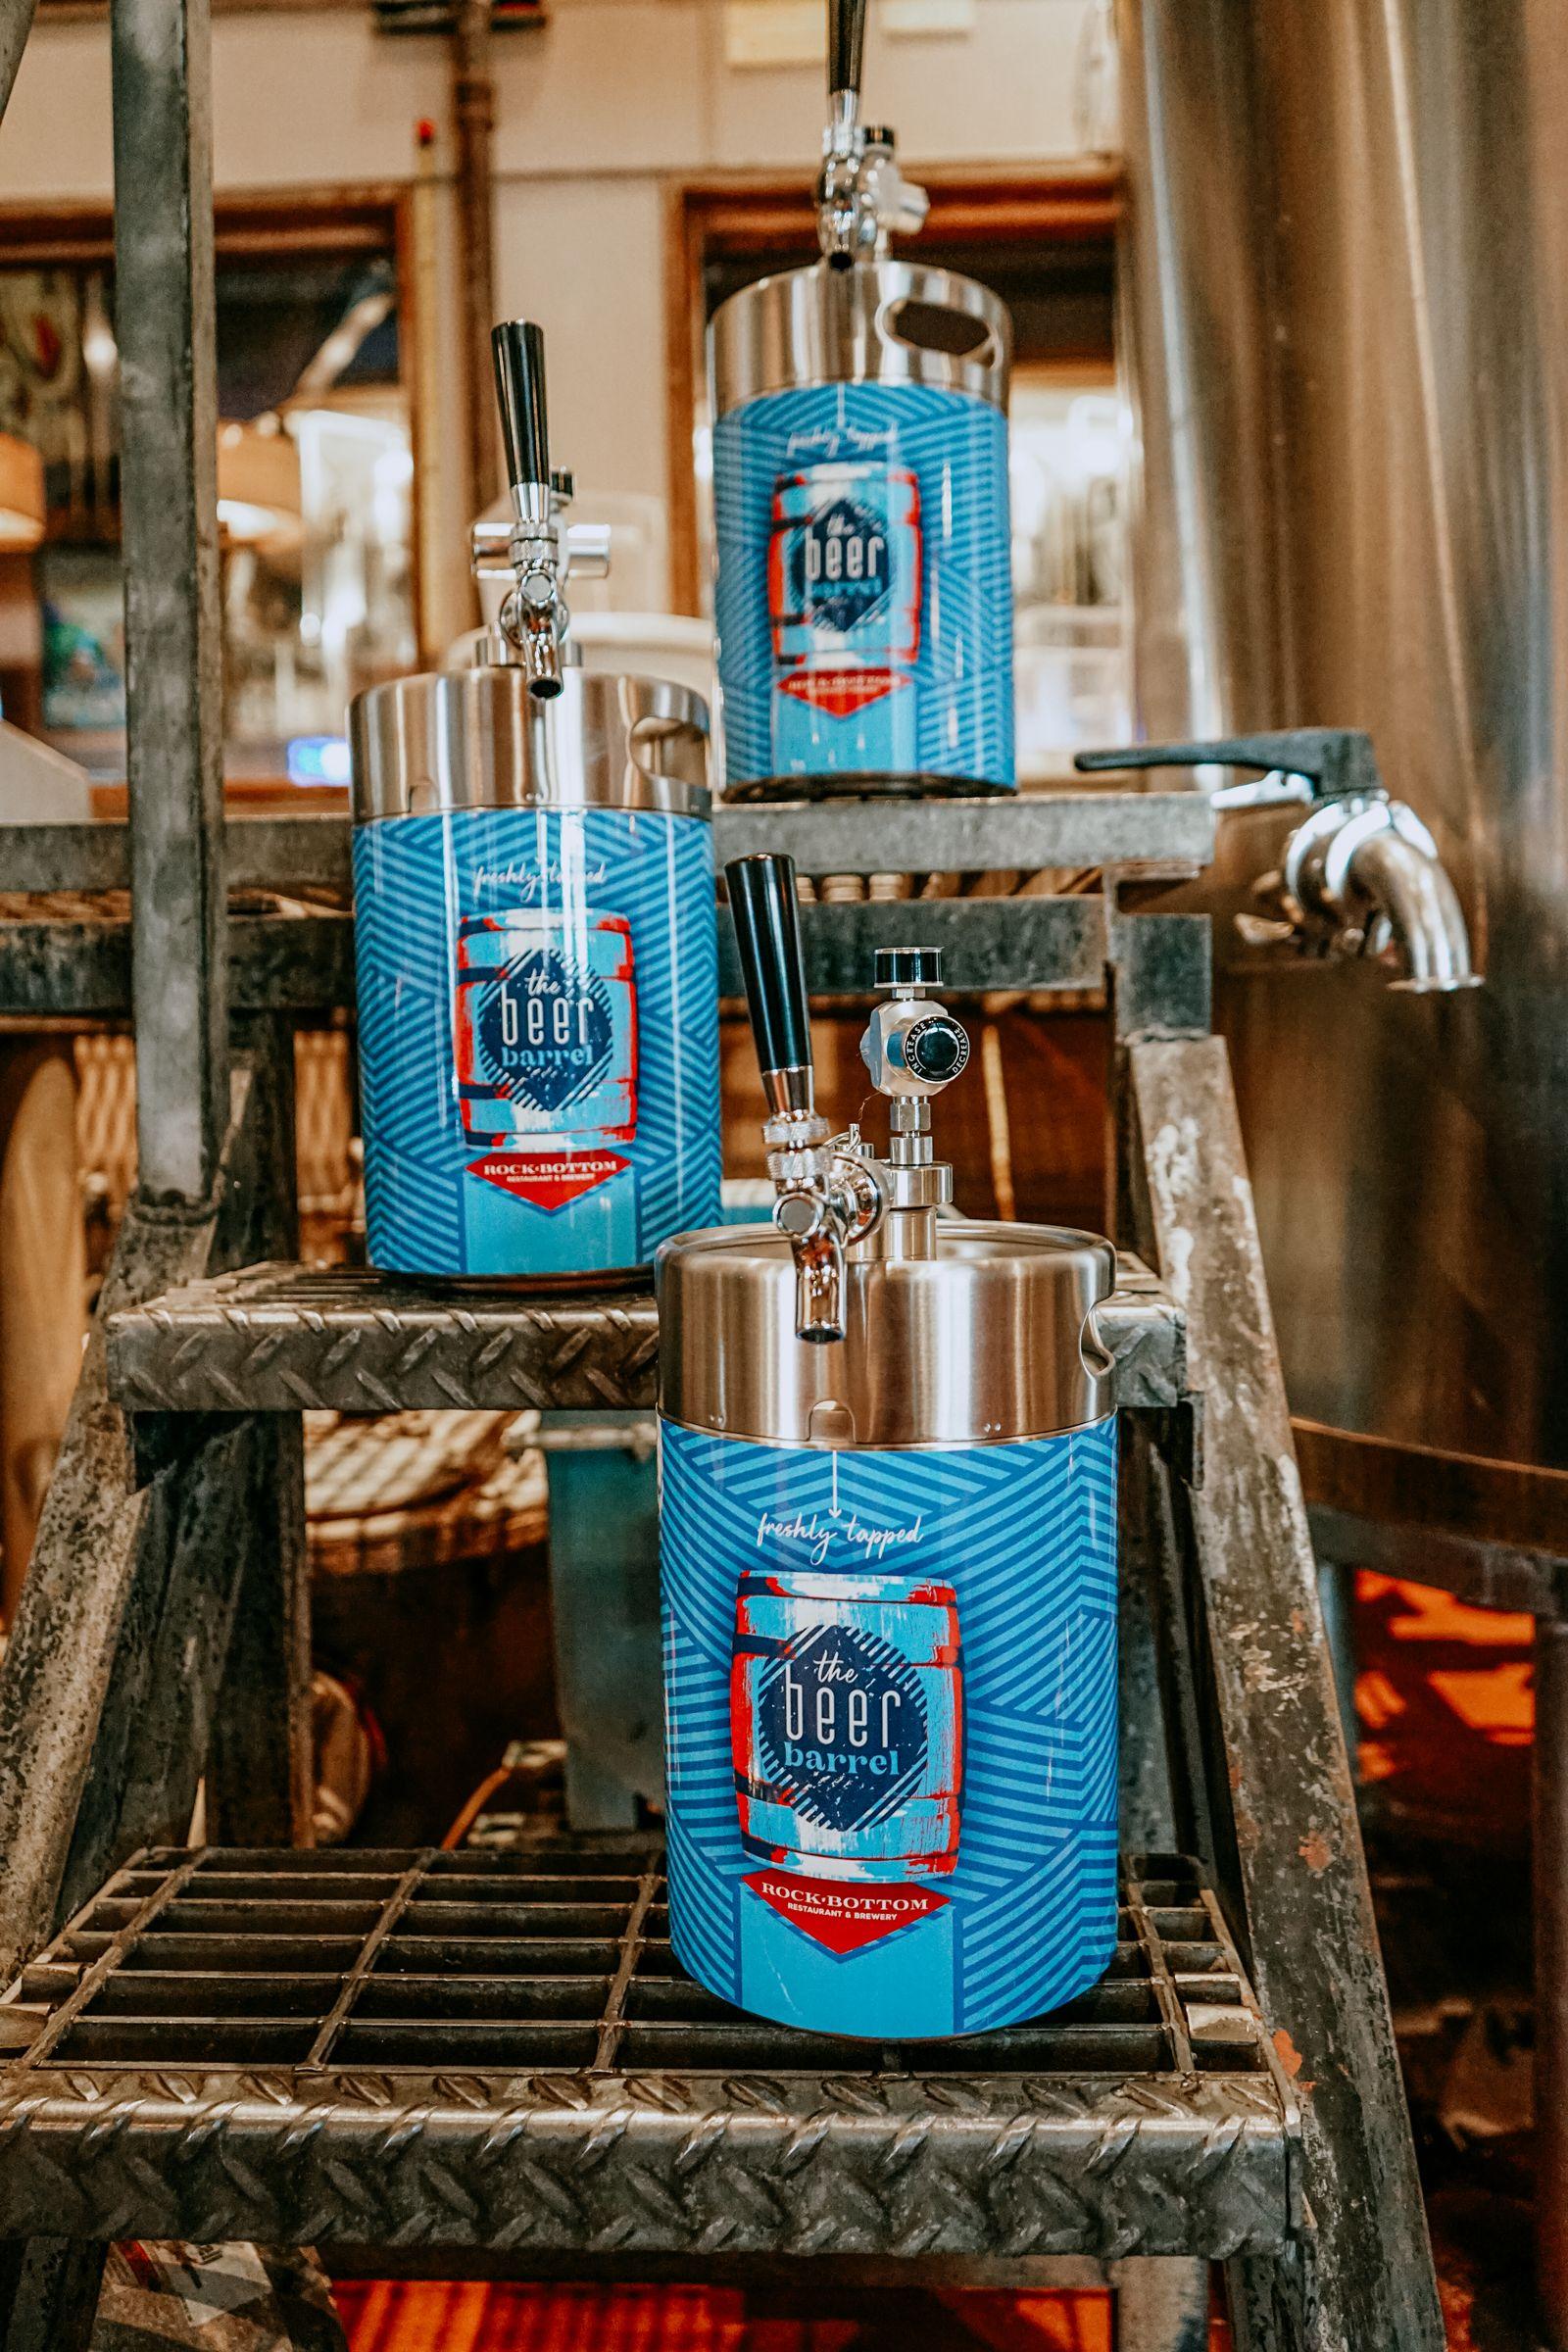 Rock Bottom lance un club de bière avec des mini barils de bière en fûts «premiers en son genre»